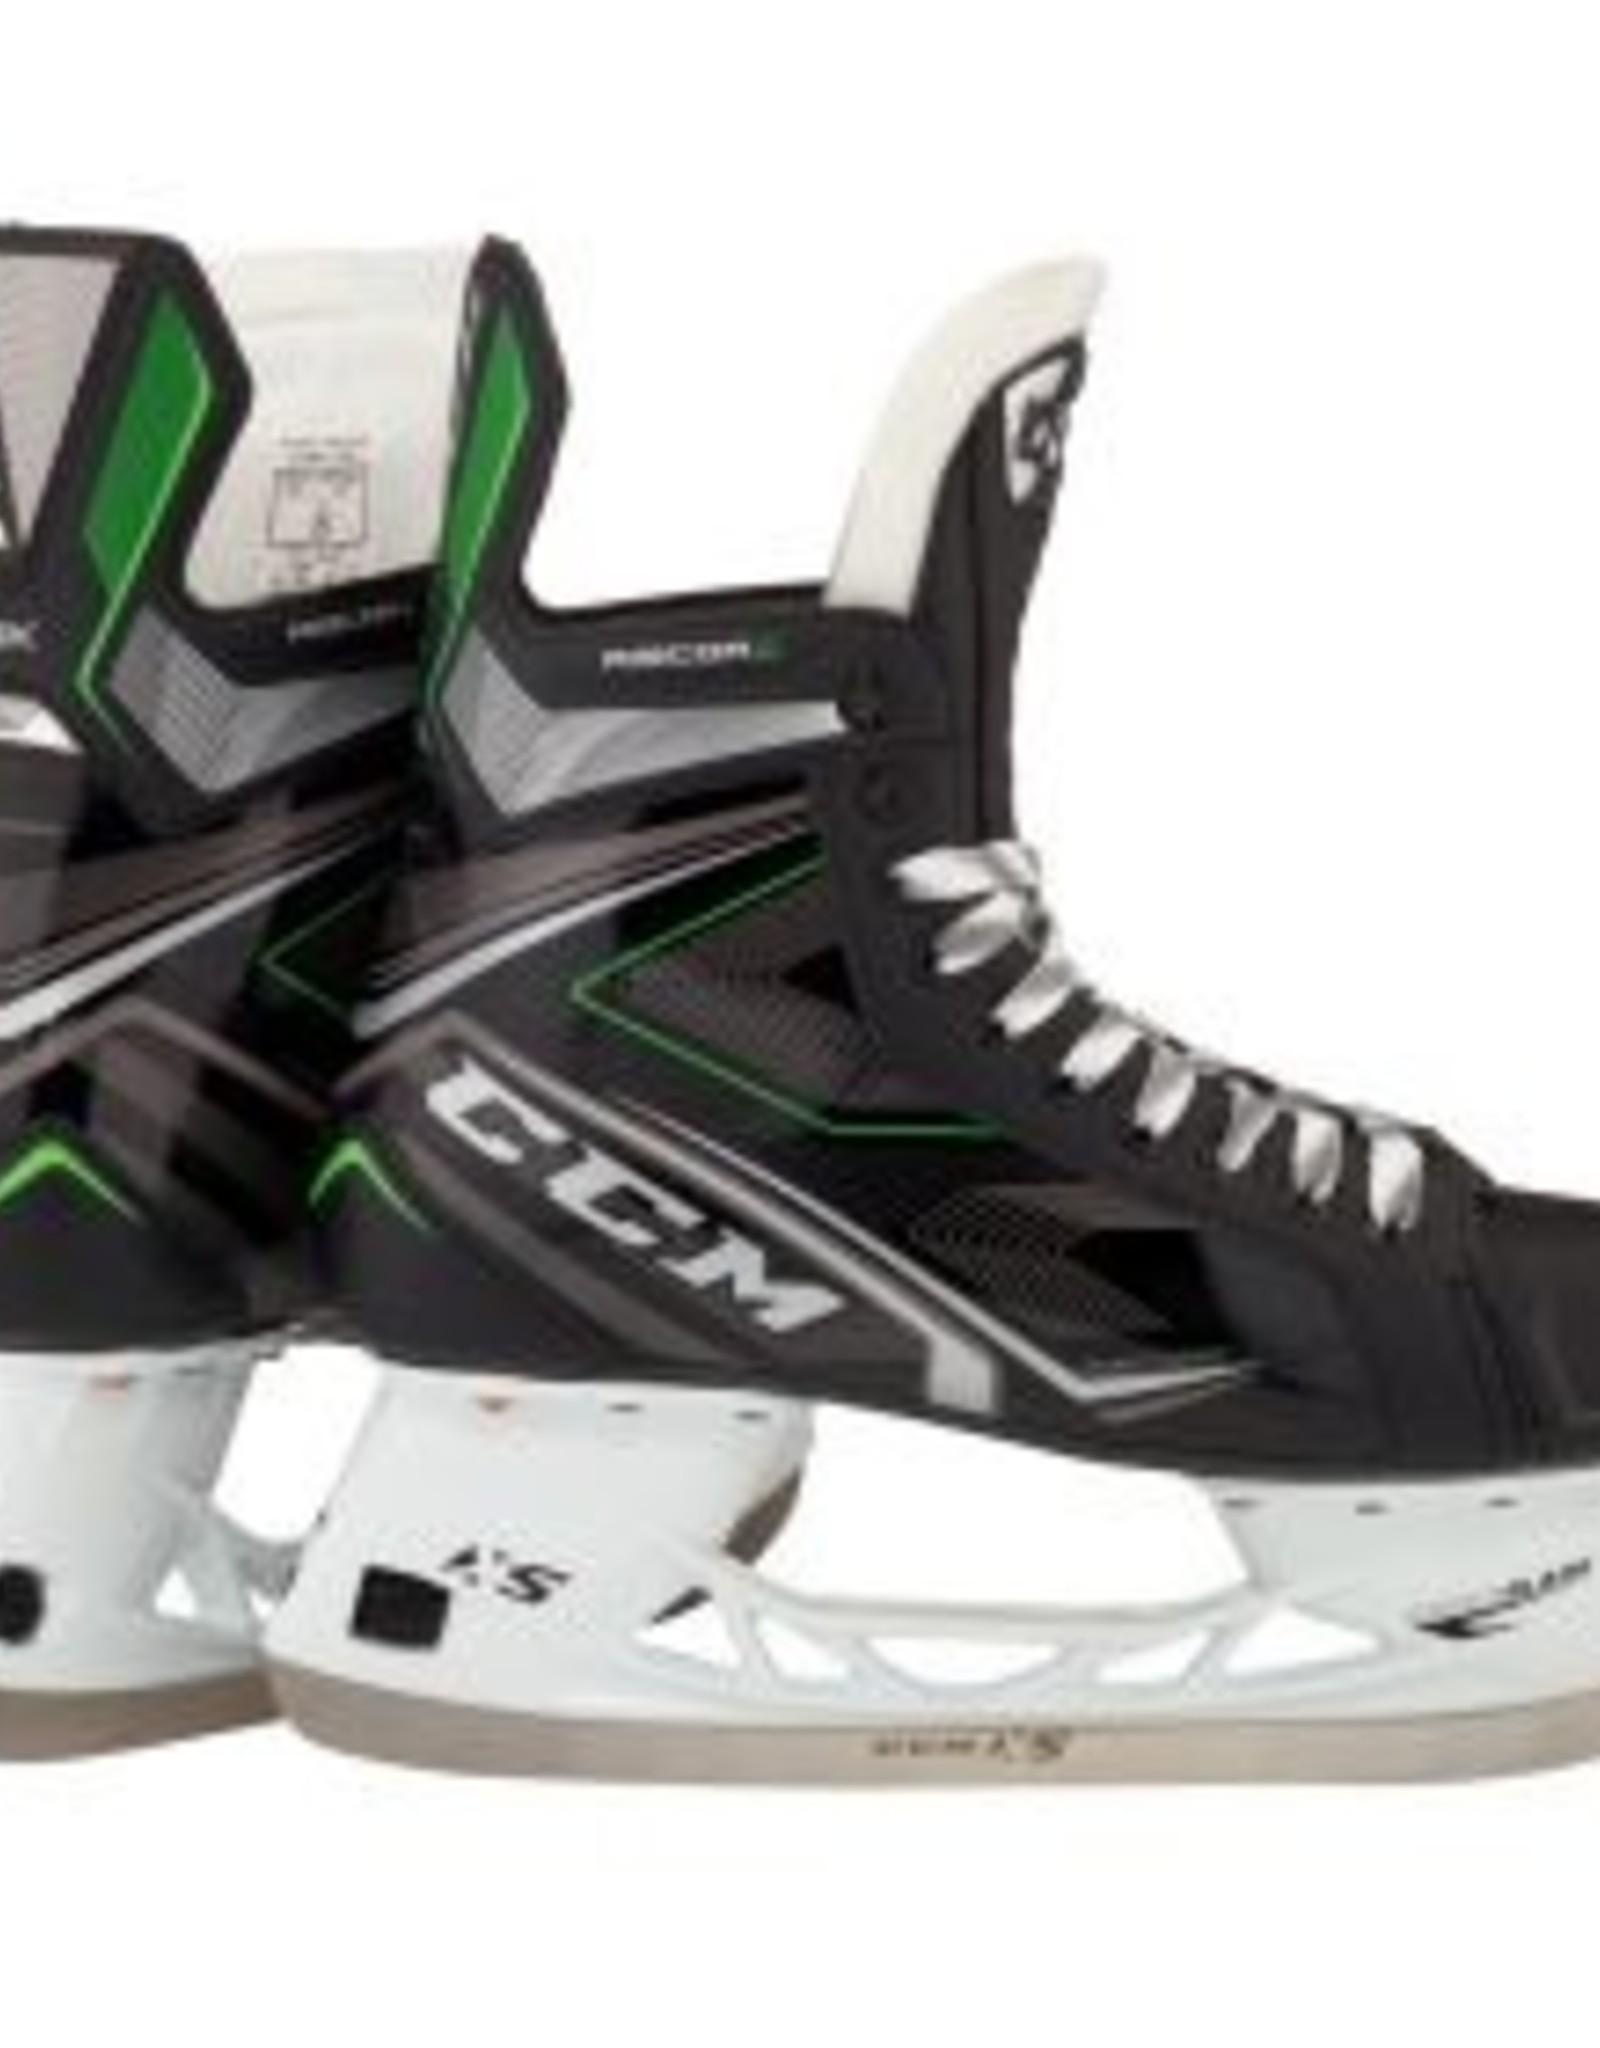 CCM RIBCOR 86K Skates